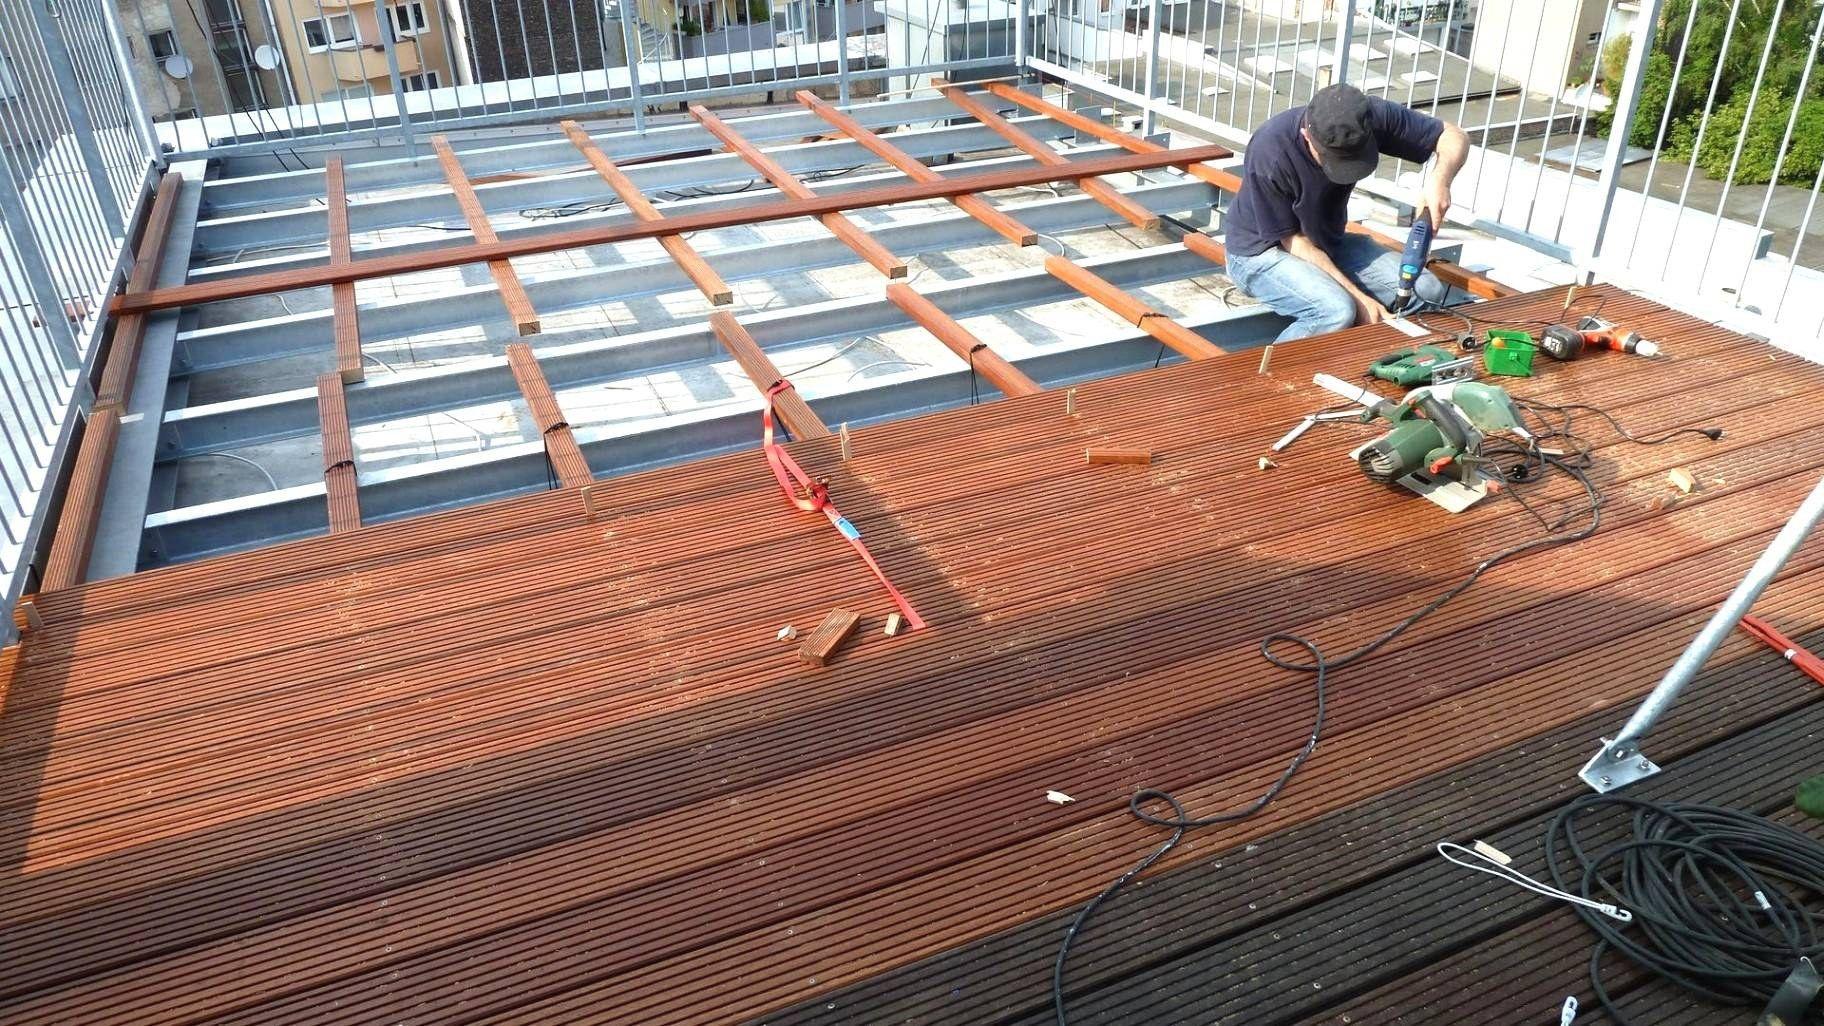 Oberteil 45 Zum Terrasse Holz Unterkonstruktion Bauanleitung Terrasse Holz Terrassendielen Unterkonstruktion